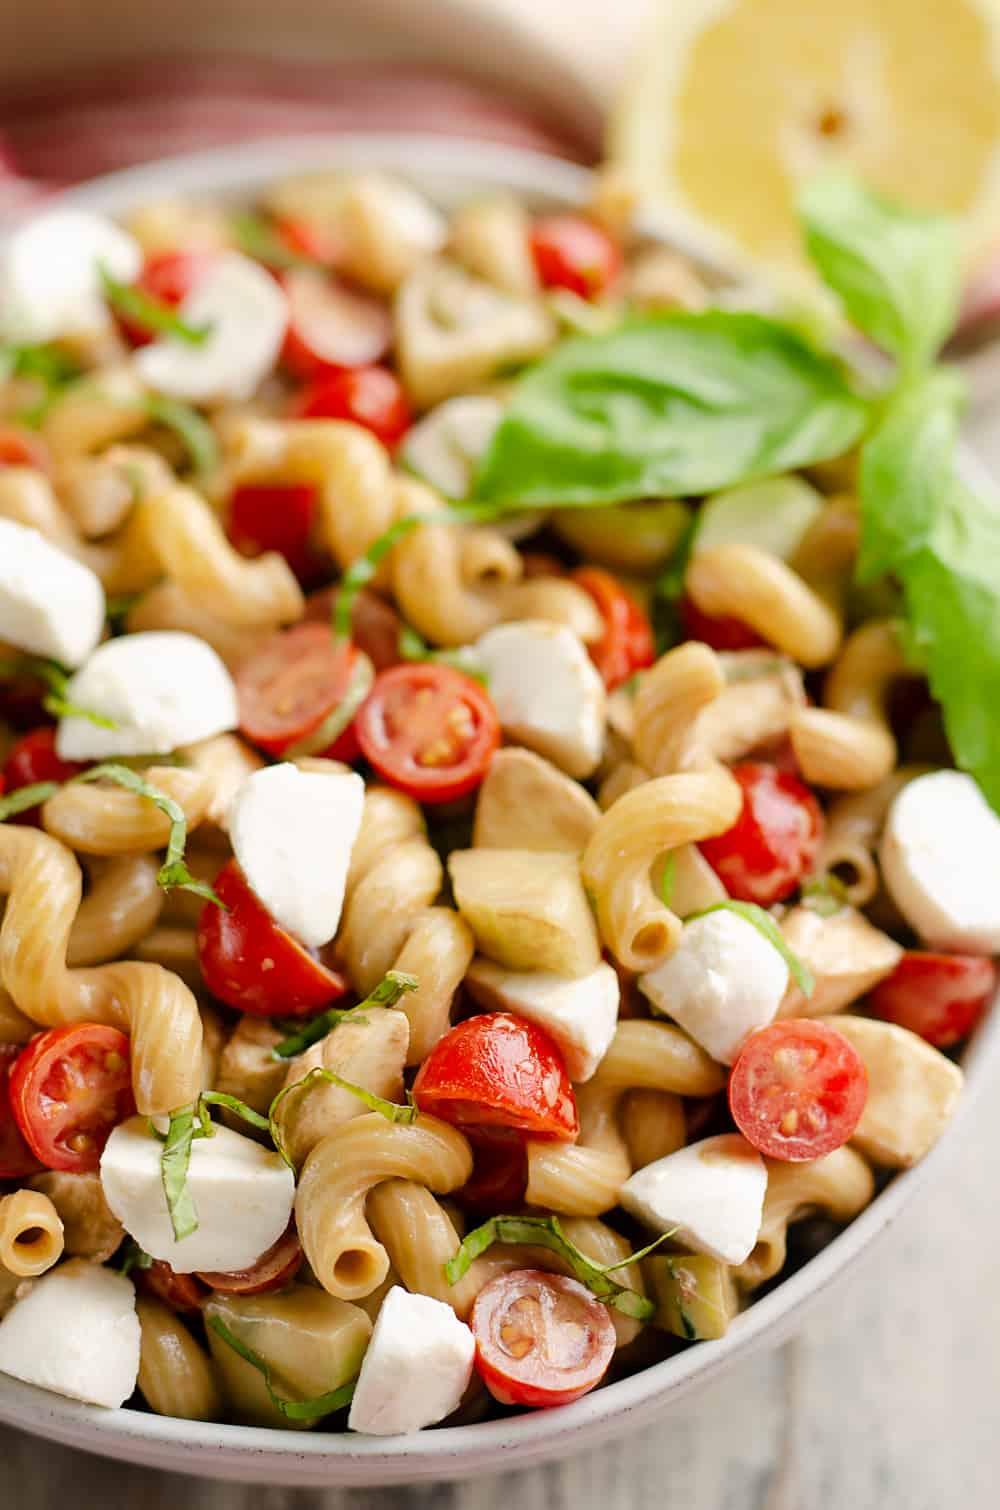 Balsamic Caprese Pasta Salad in serving bowl